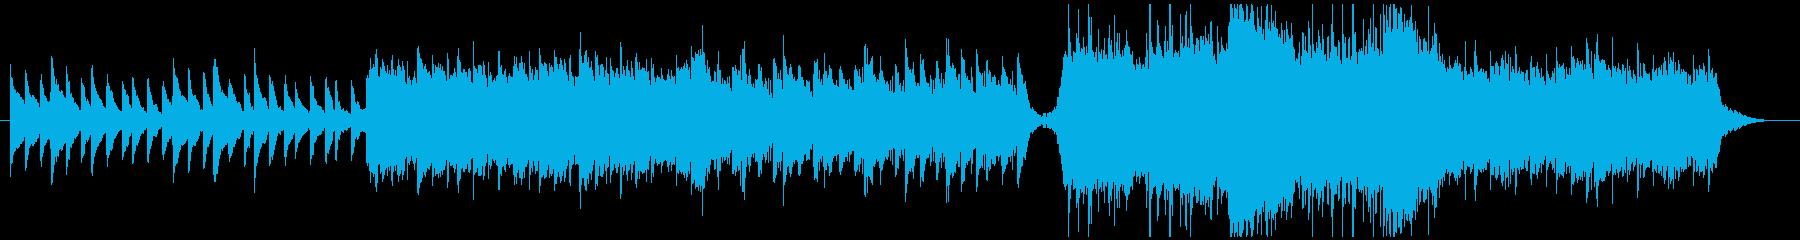 不安になるようなミステリアスサウンドの再生済みの波形